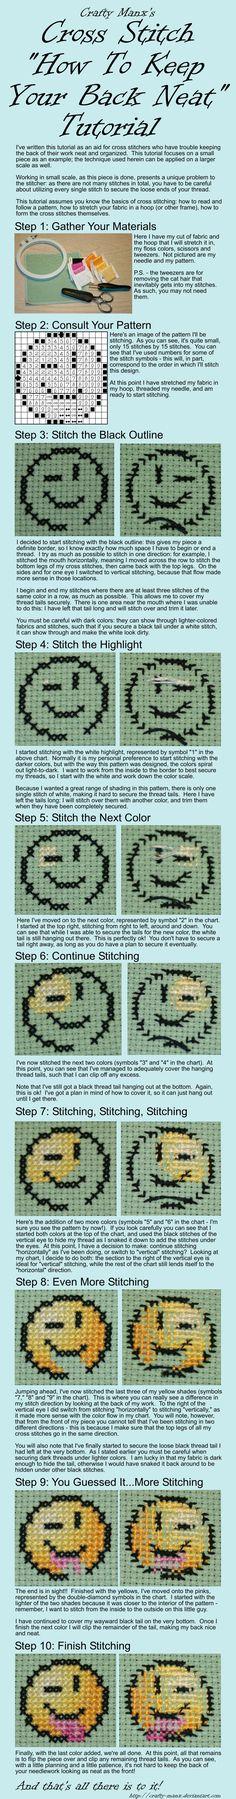 CrossStitch Neat Back Tutorial by crafty-manx.deviantart.com on @deviantART